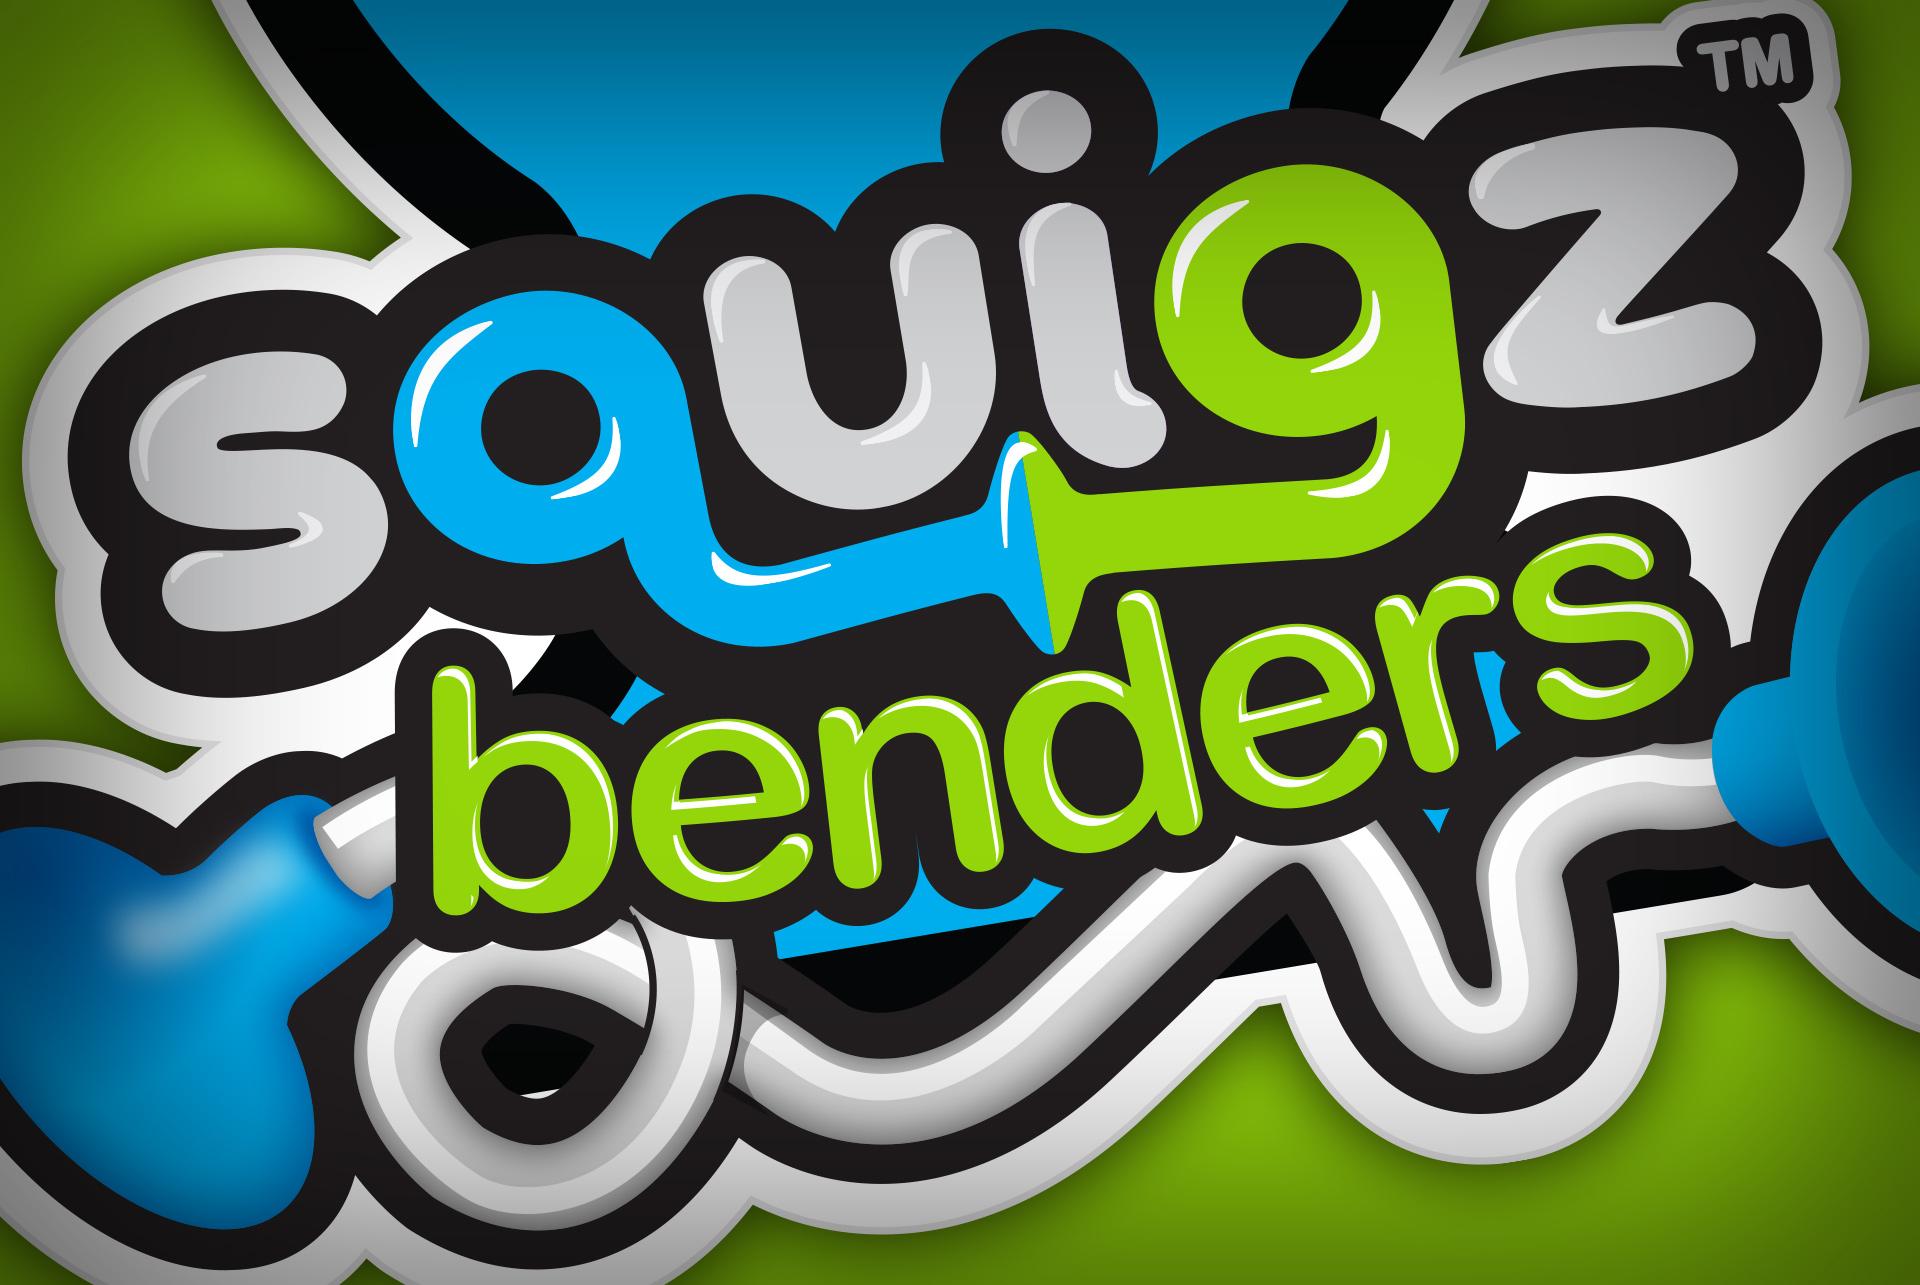 Squigz® Benders